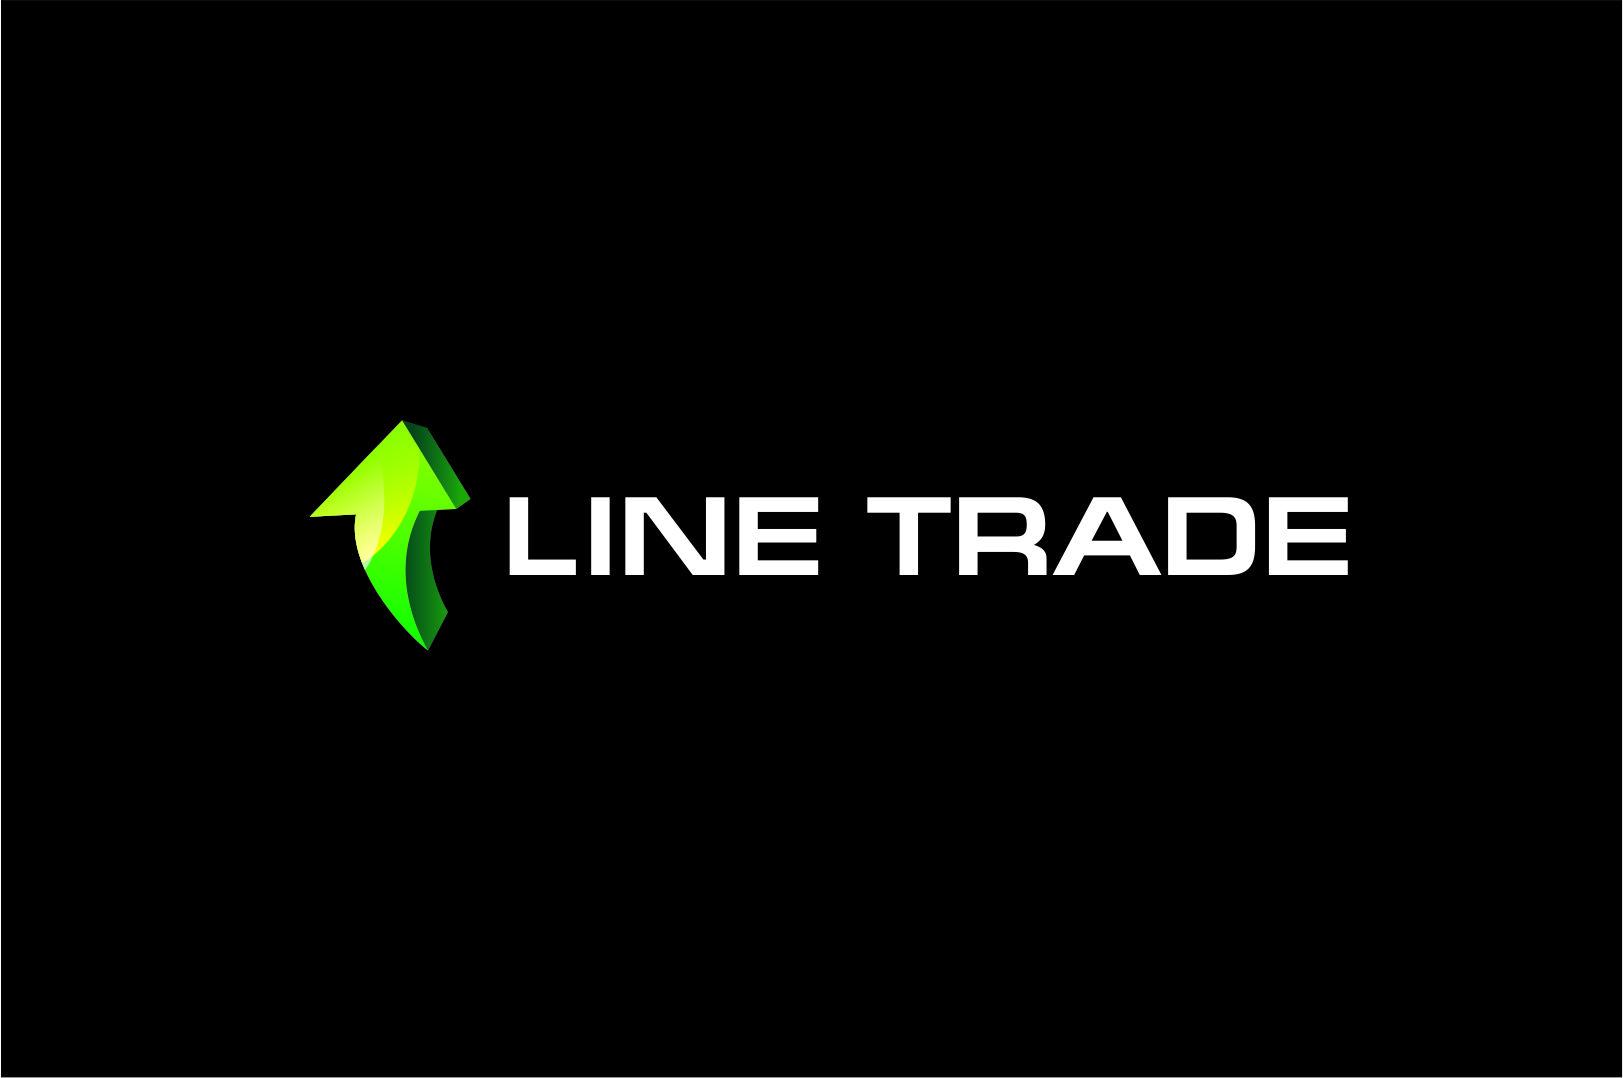 Разработка логотипа компании Line Trade фото f_71750f7a86c90ffc.jpg